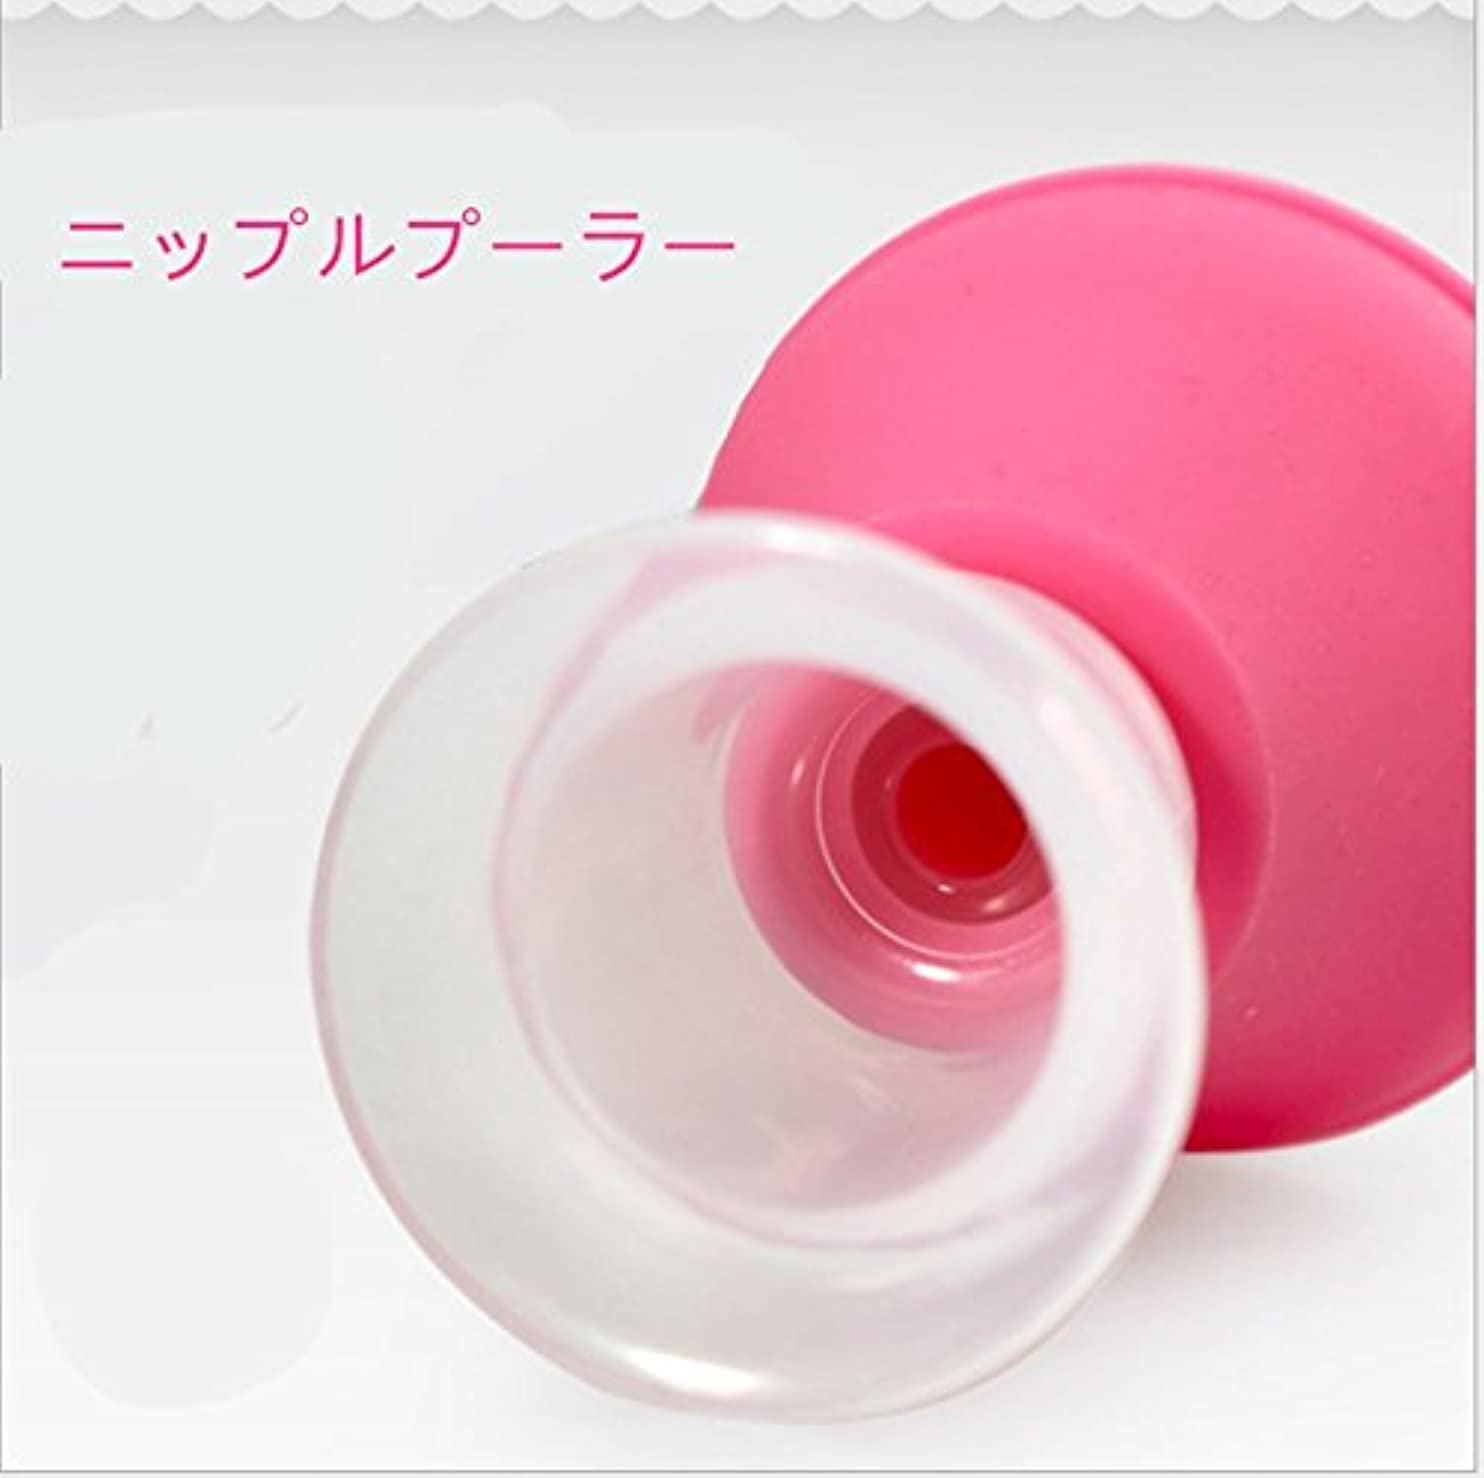 約郵便物従事するピジョン 乳頭吸引器 ケース付扁平乳首に乳頭吸引器 母乳育児ケア ランダム色